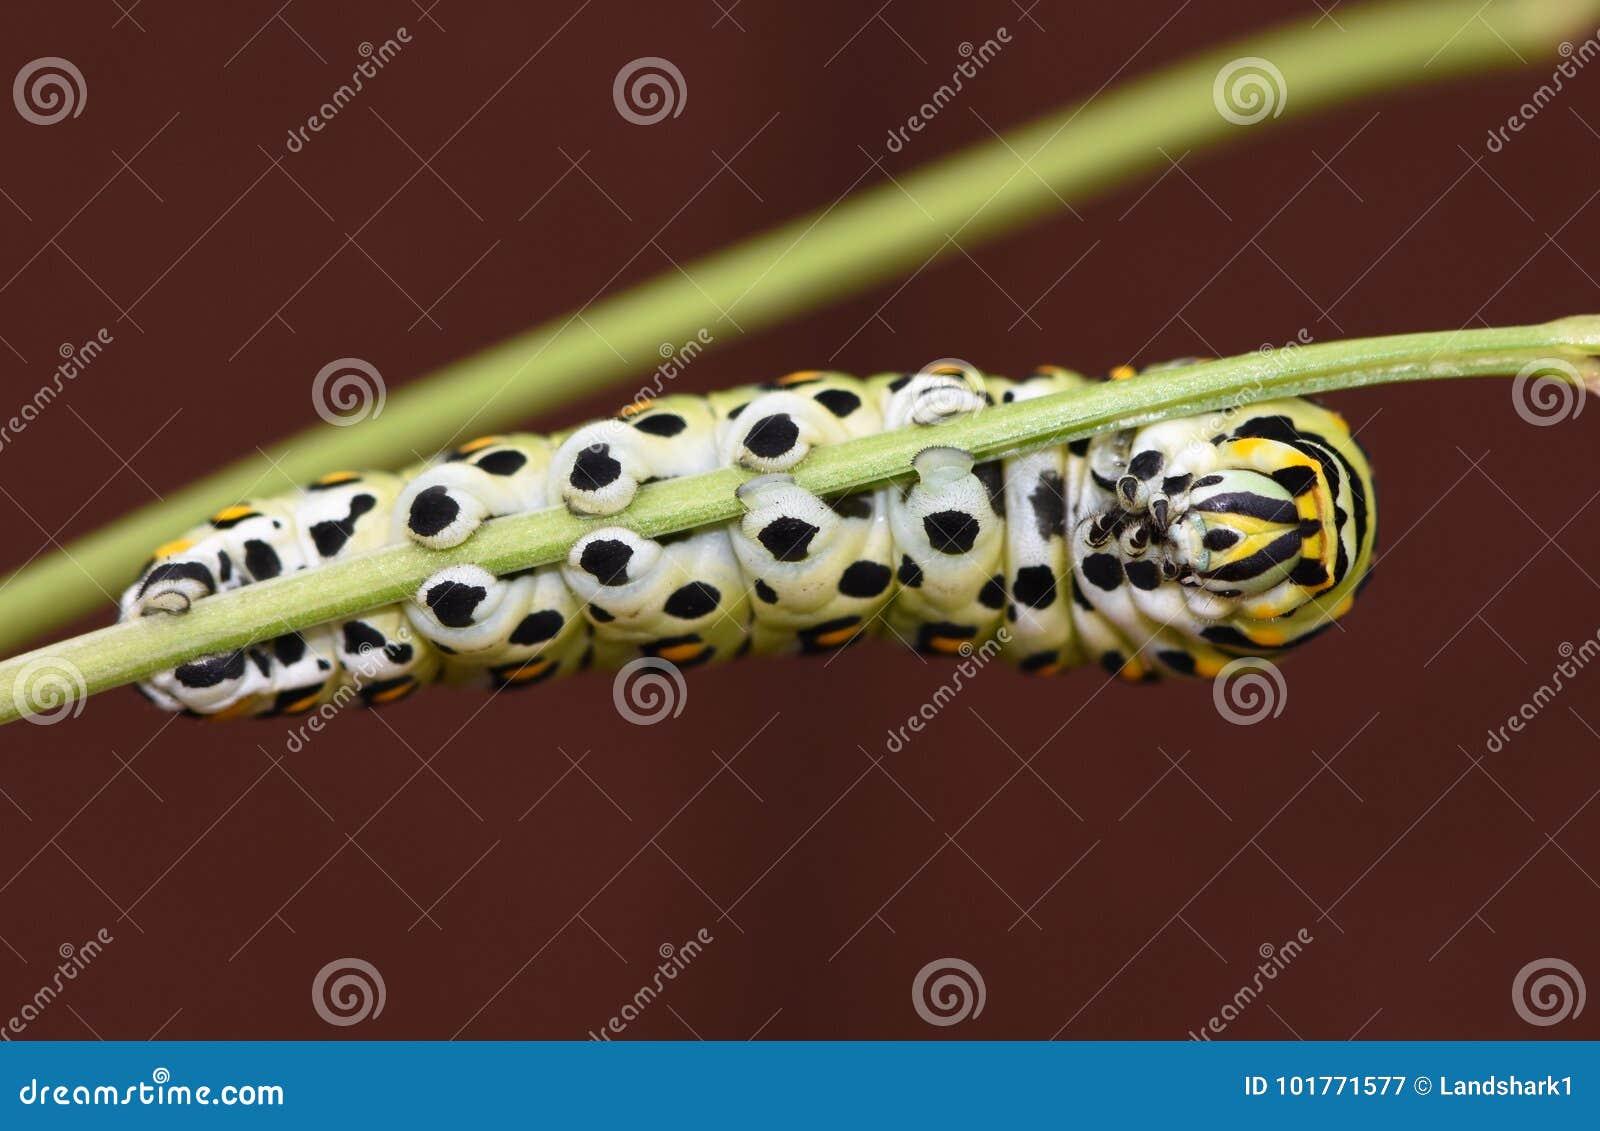 黑Swallowtail毛虫-蝴蝶幼虫,也称荷兰芹蠕虫